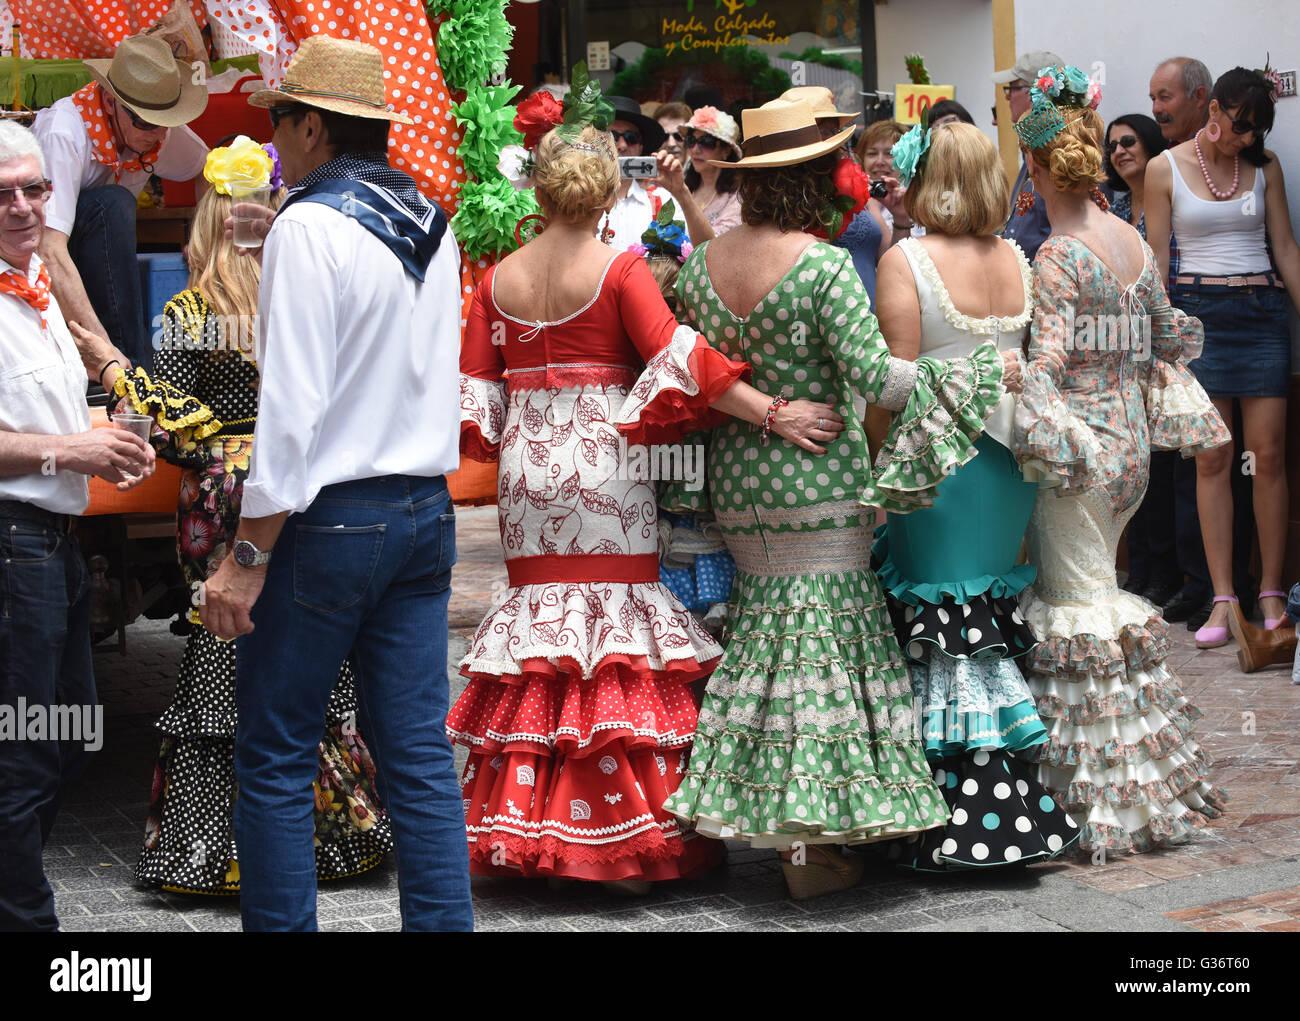 Mujeres vestidas con el traje tradicional en el festival de San Isidro fiesta en Nerja Andalucia España Imagen De Stock